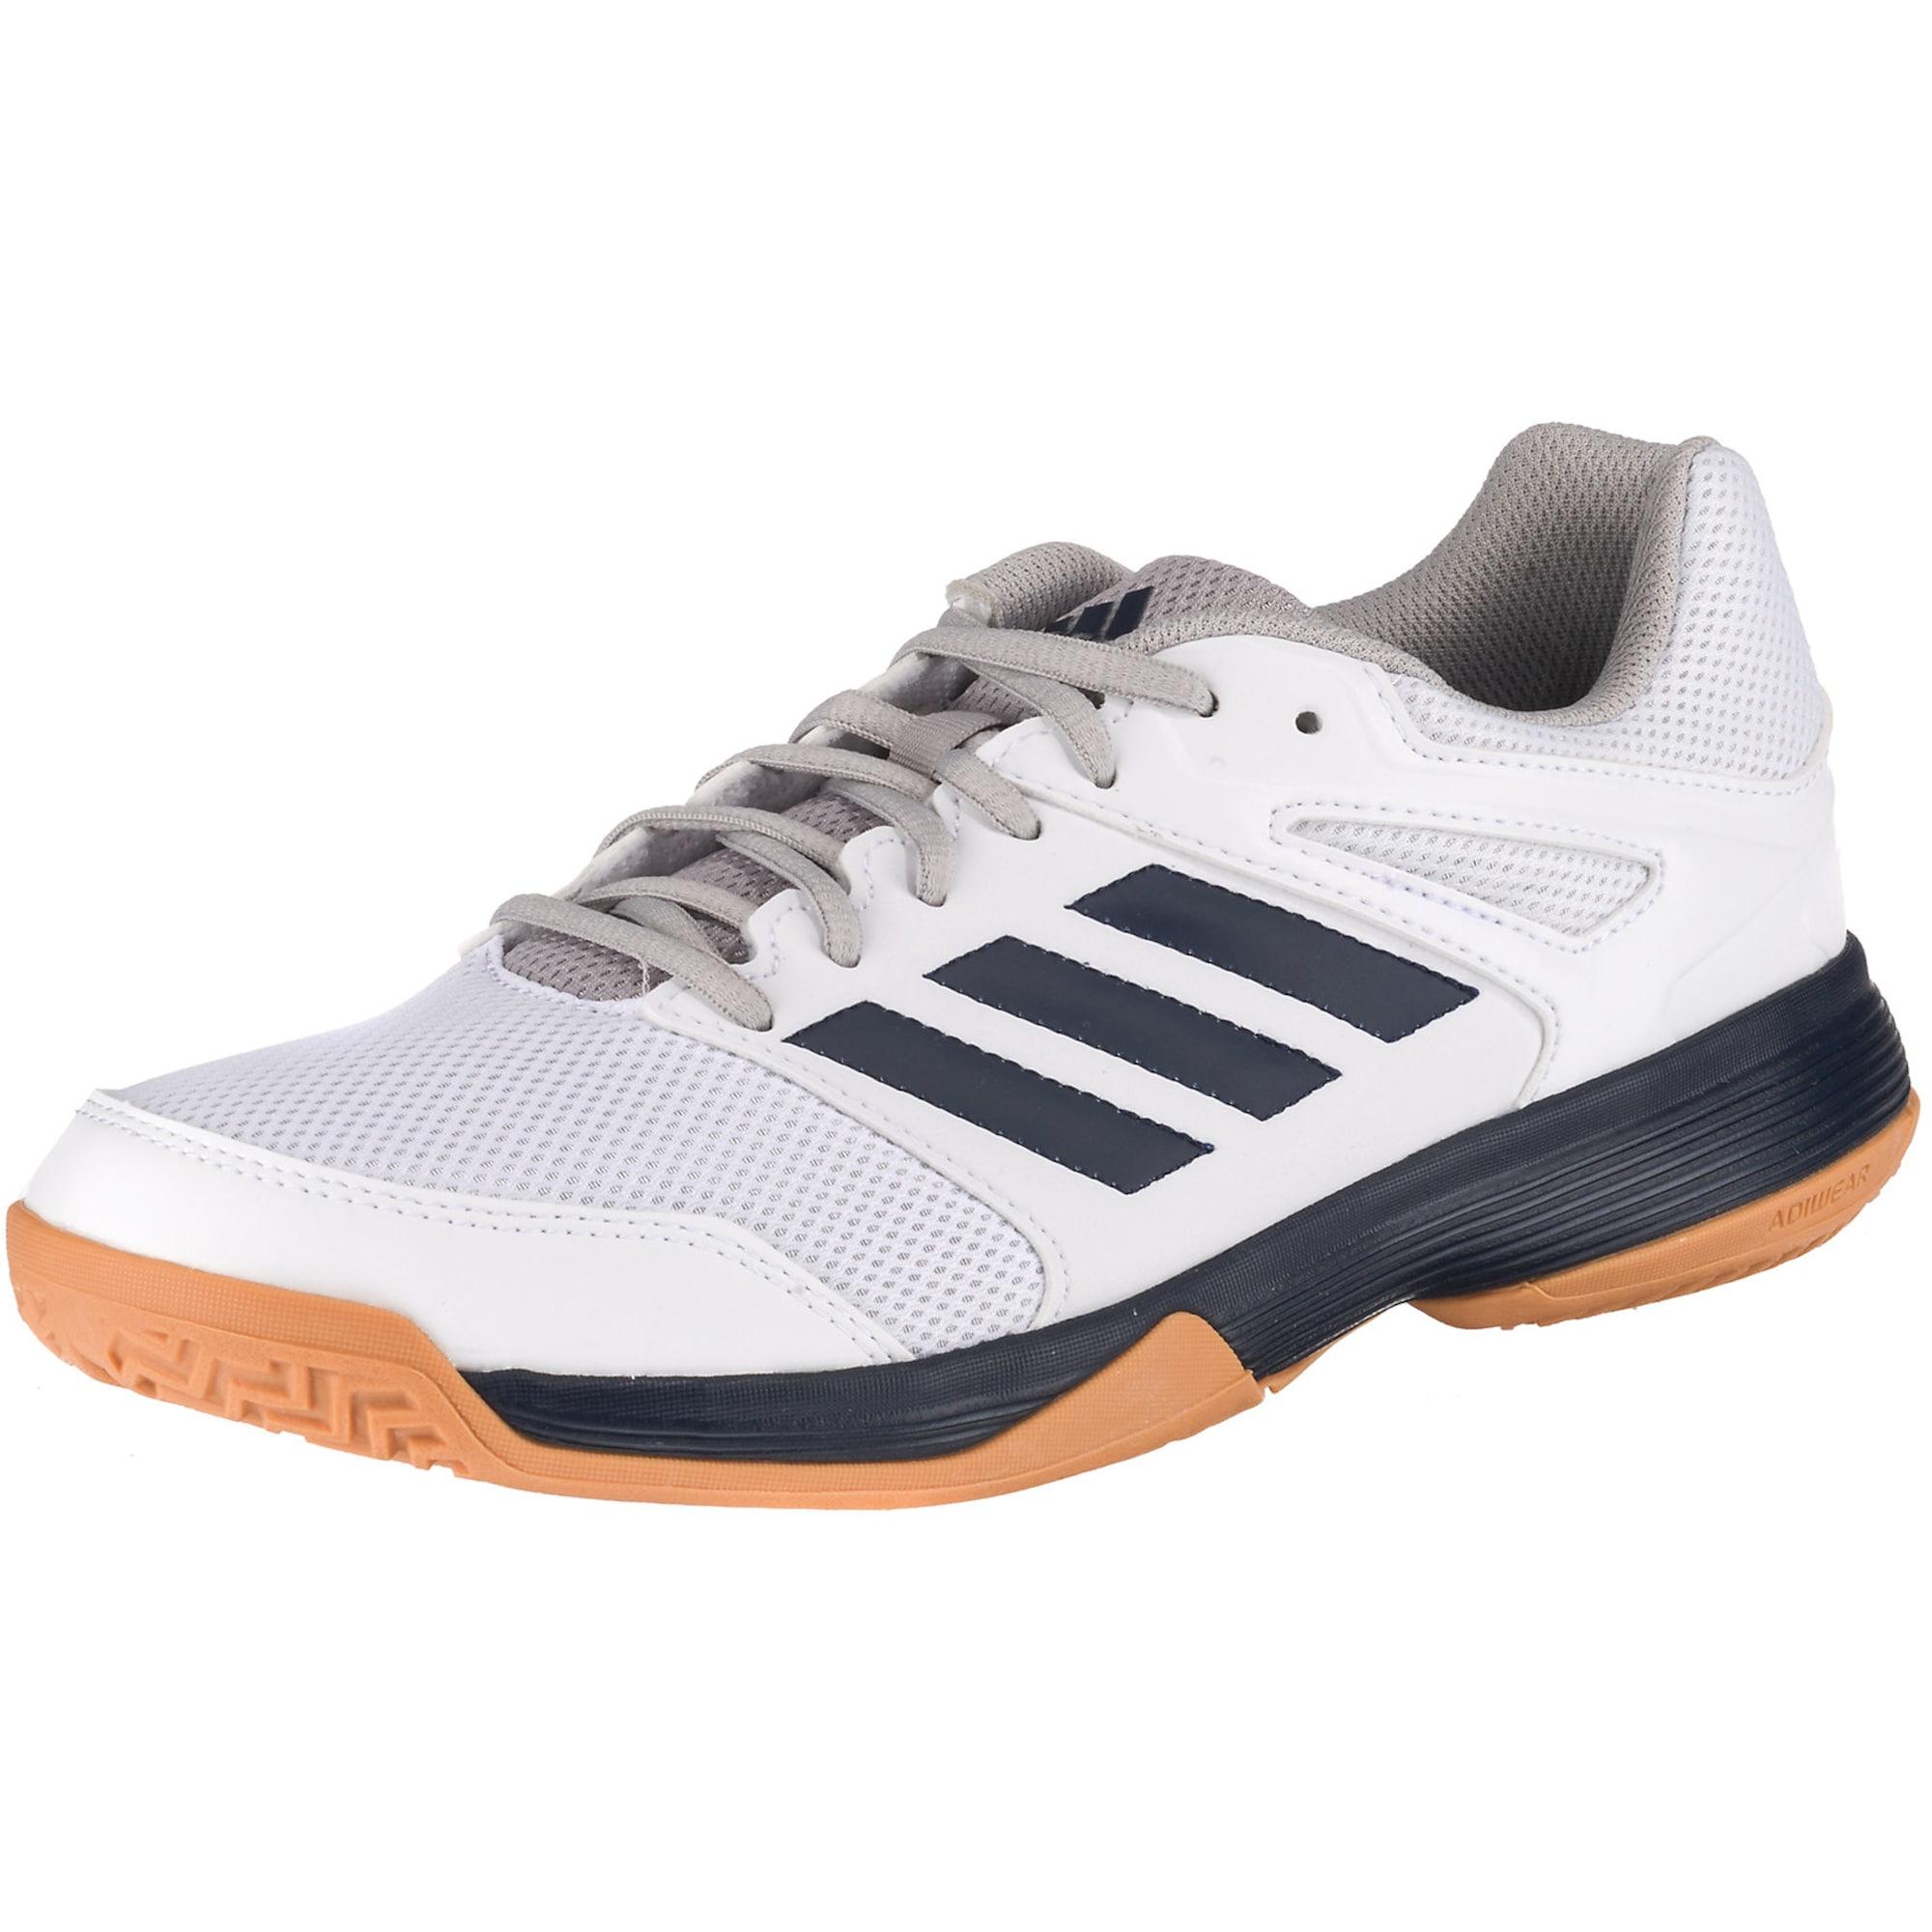 Hallenschuhe 'Speedcourt M' | Schuhe > Sportschuhe > Hallenschuhe | adidas performance